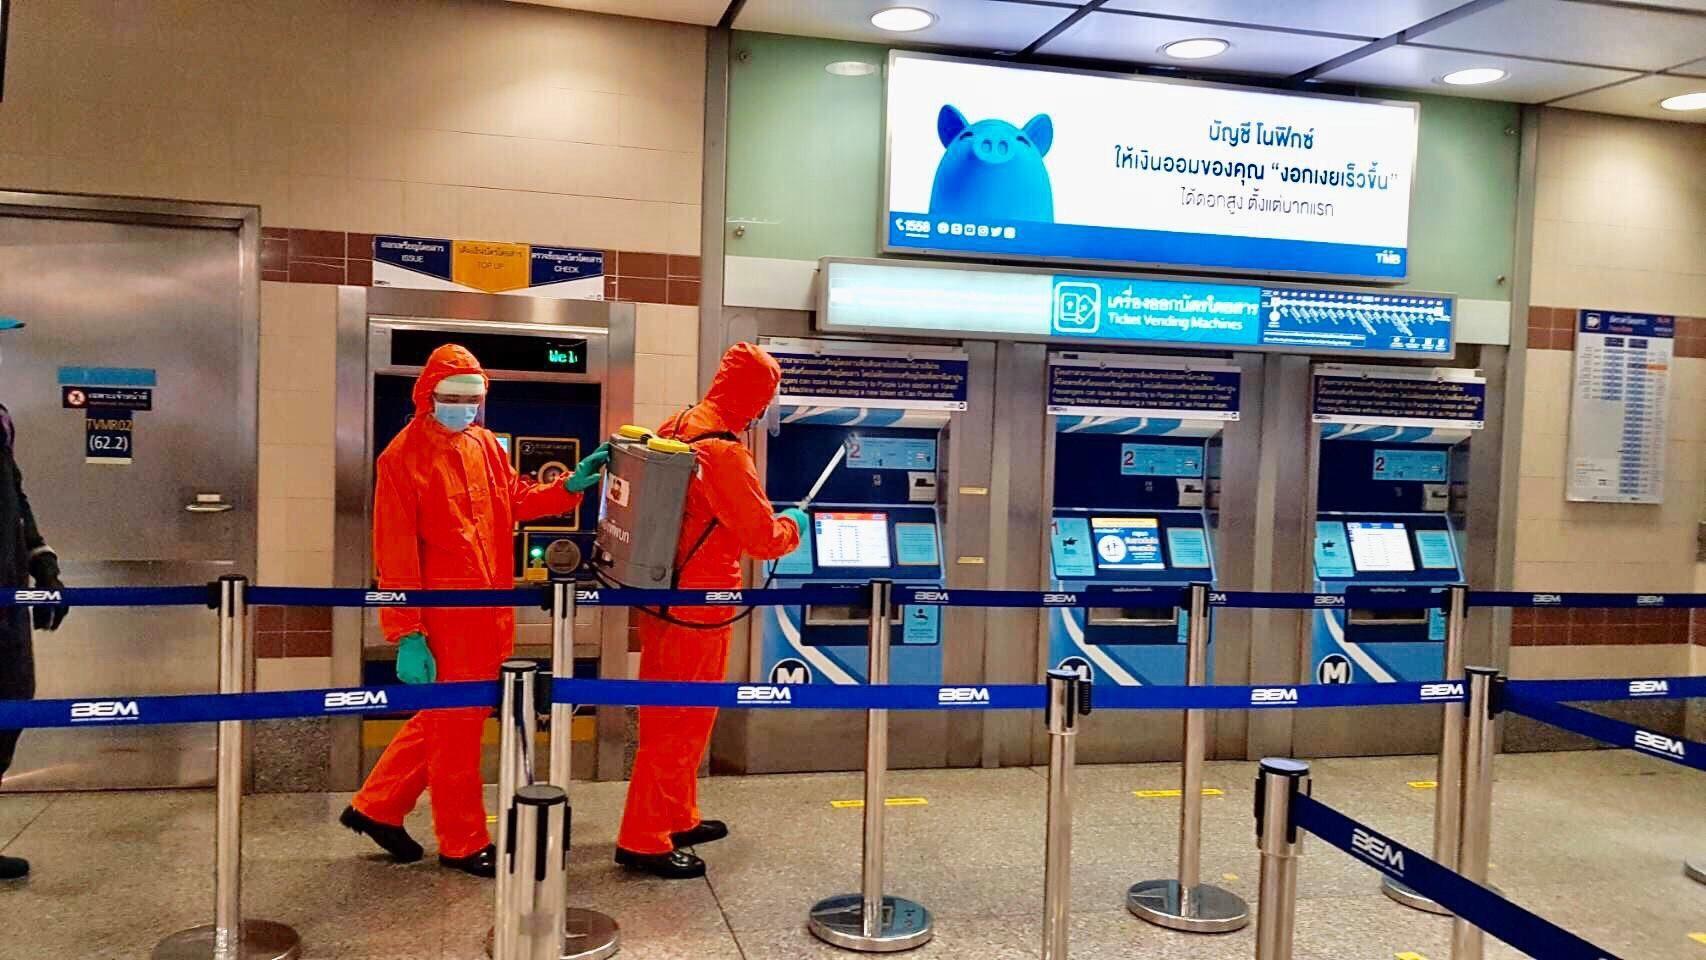 'MRT' ระดมพ่นน้ำยาฆ่าเชื้อ สกัดโควิด-19 เพิ่มความมั่นใจให้ผู้โดยสาร